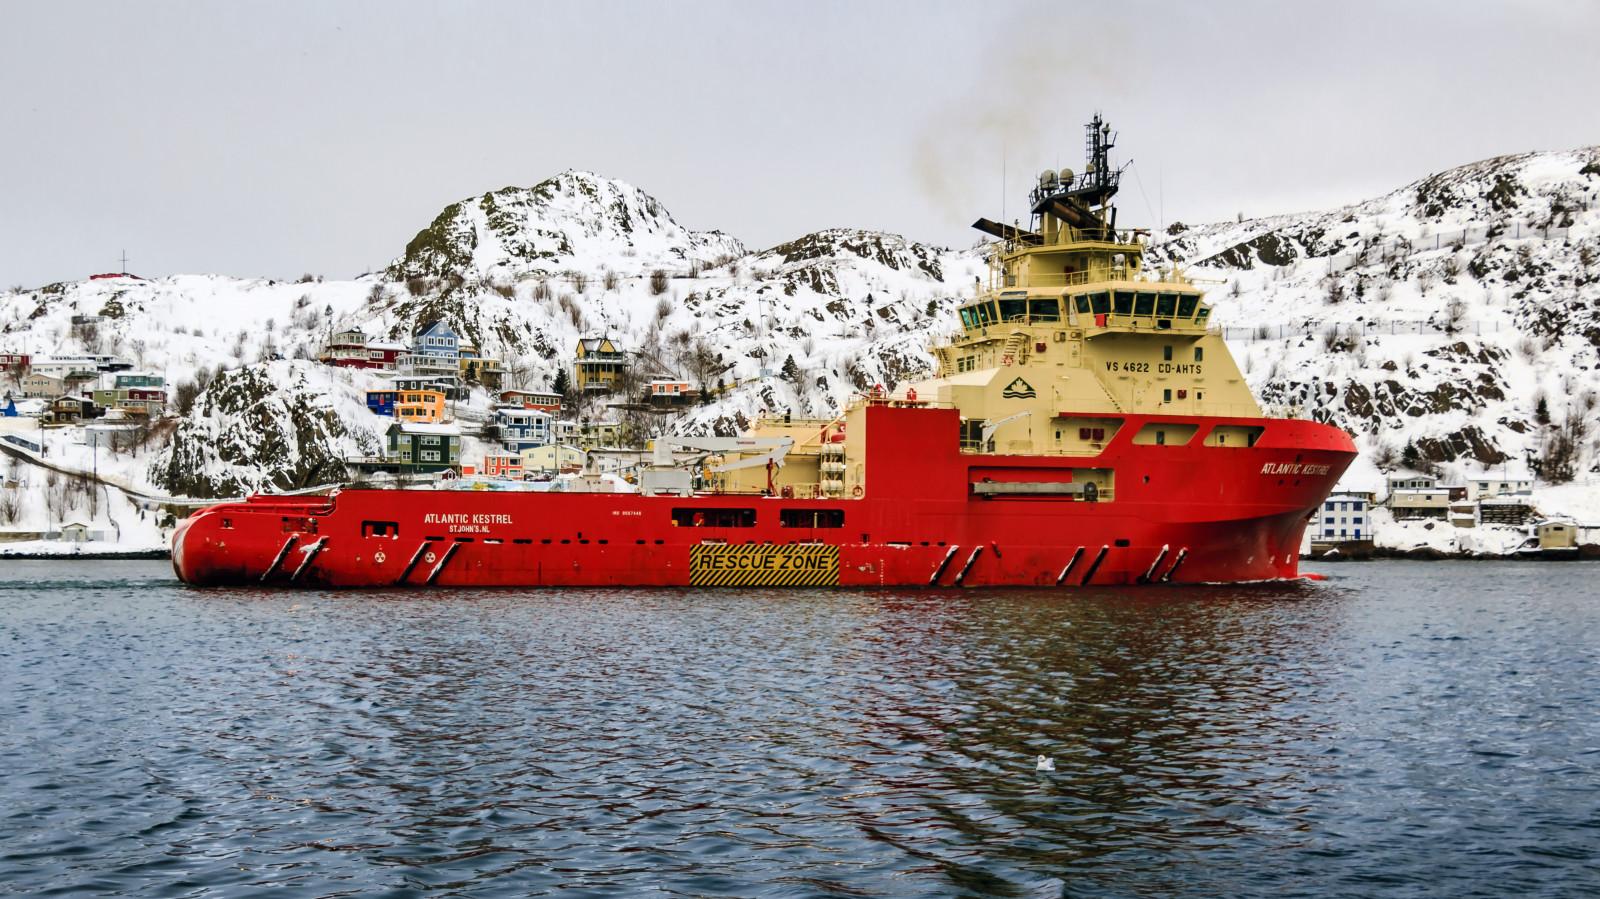 Hintergrundbilder : bunt, Schiff, Boot, Meer, draußen, Winter ...